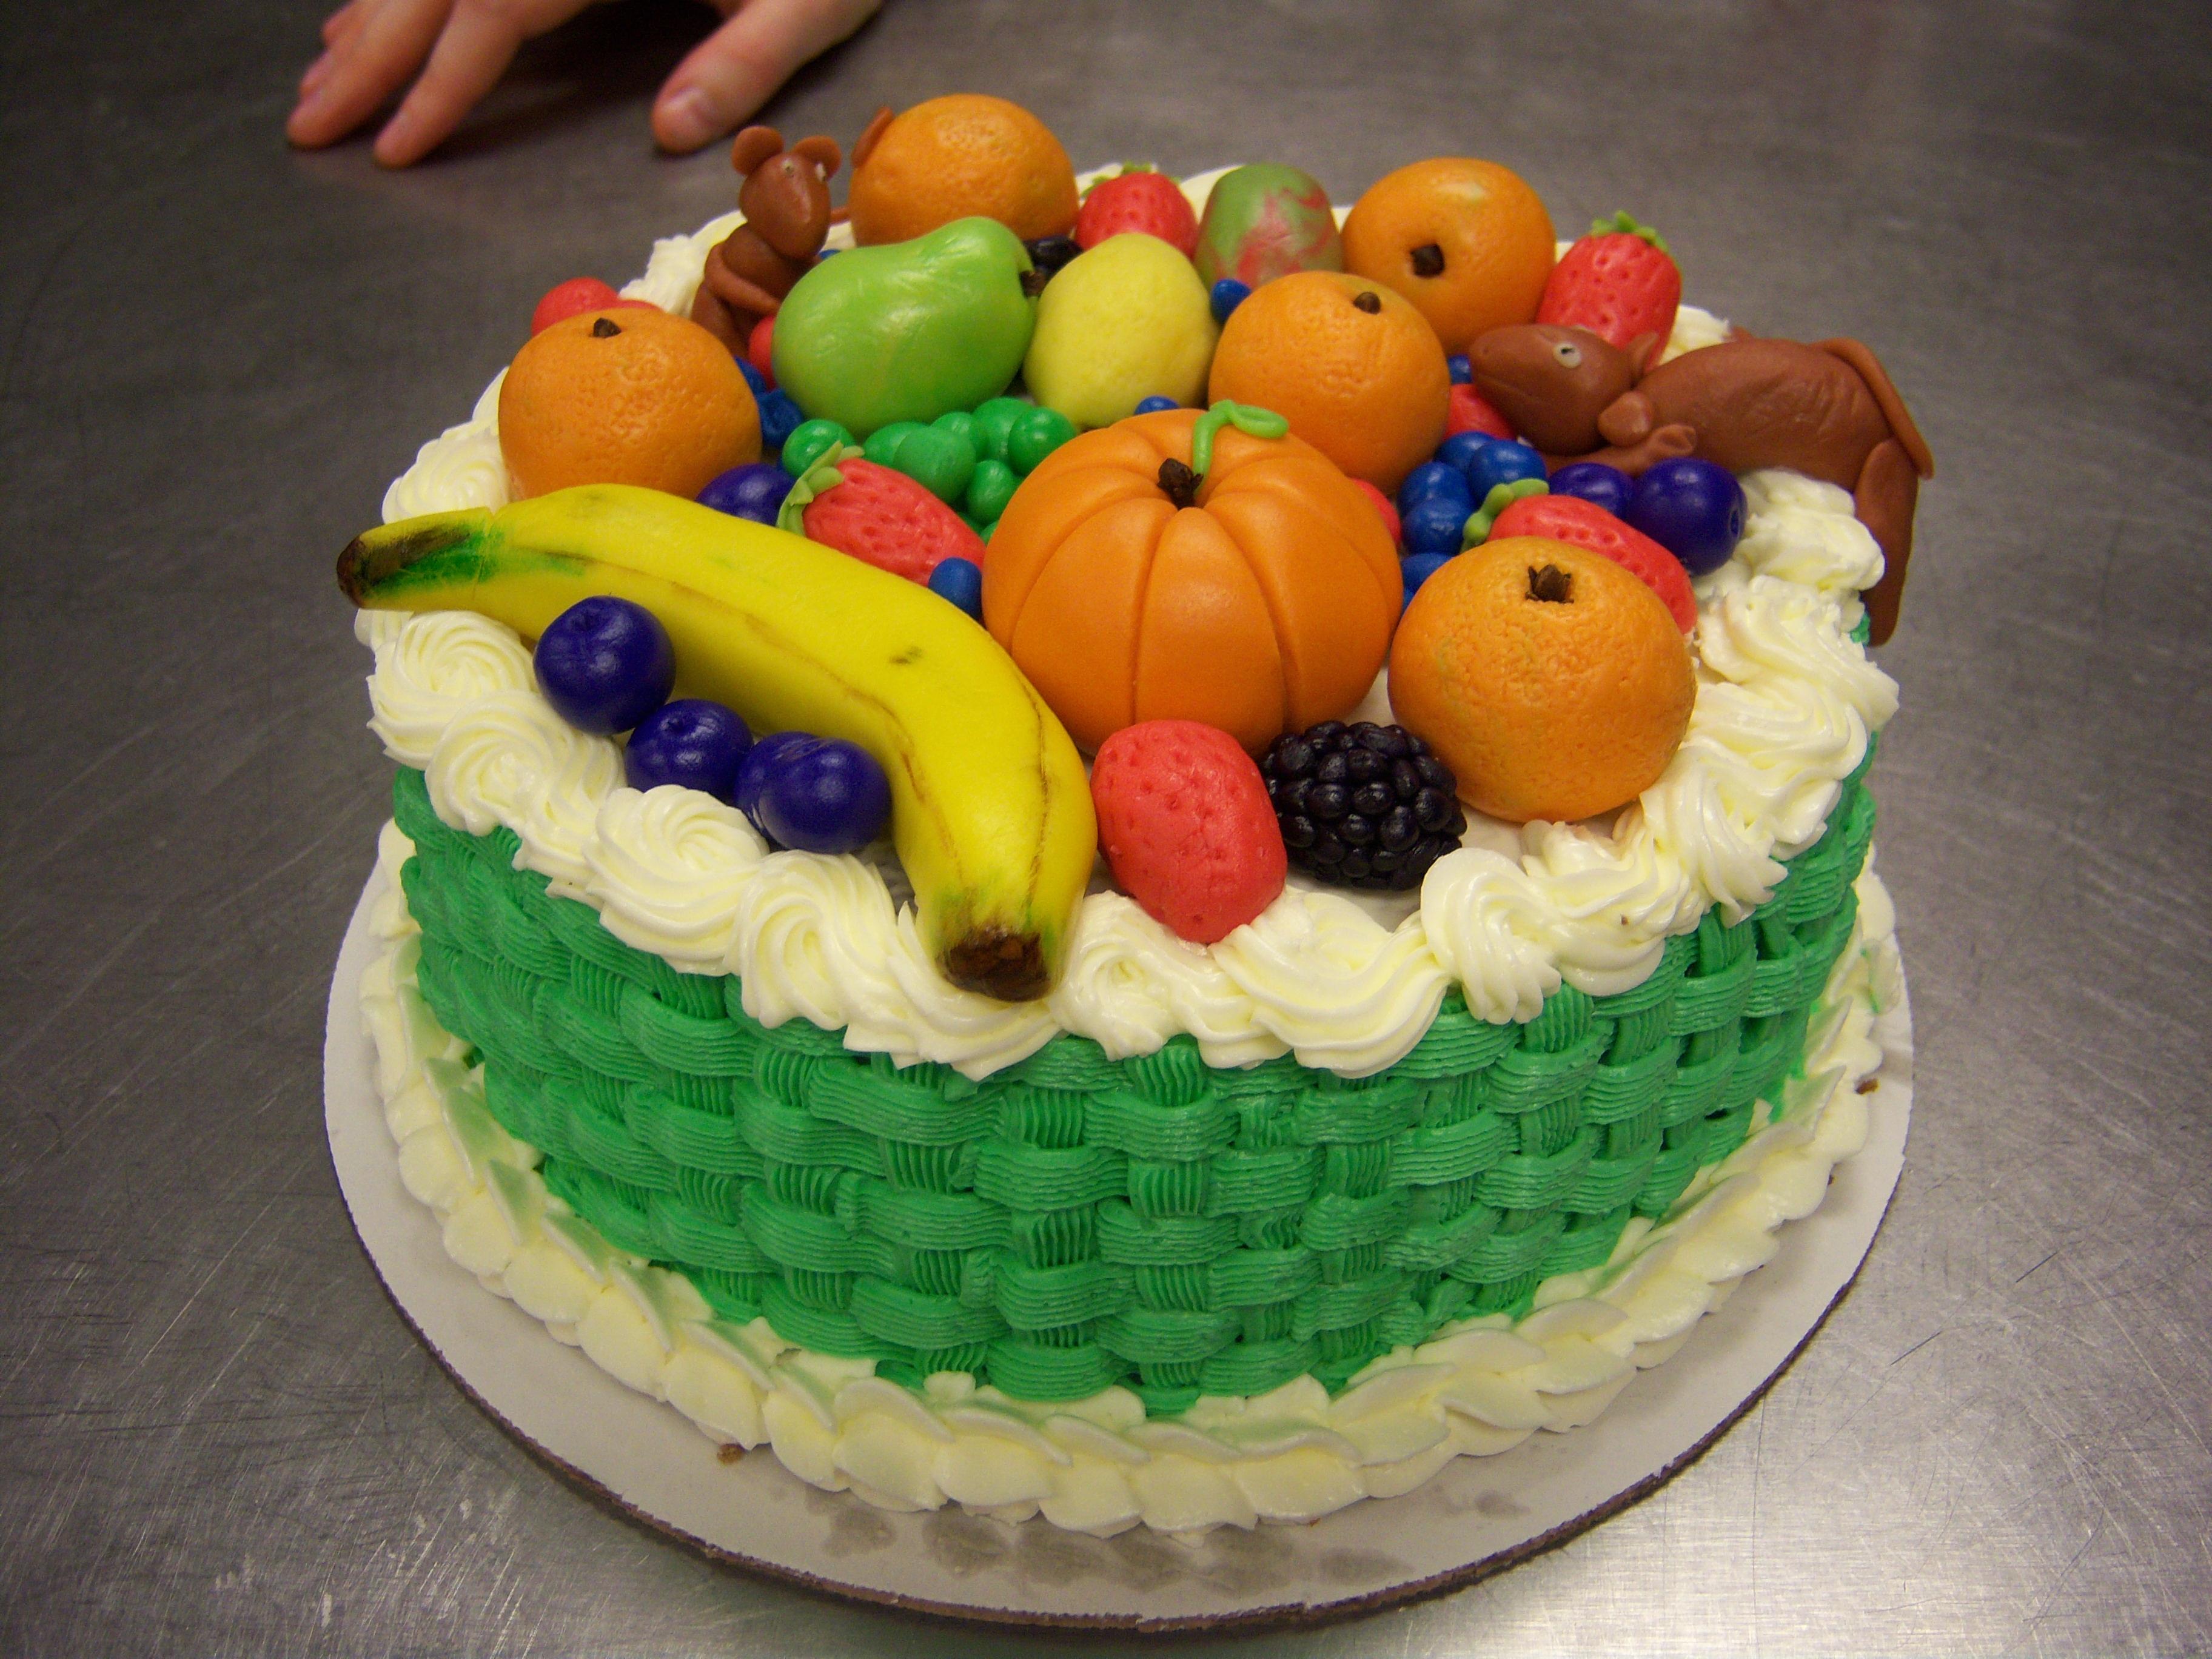 Cake Decorated With Fruits Pinterest : Fruit Basket Cake by jab2810 on DeviantArt